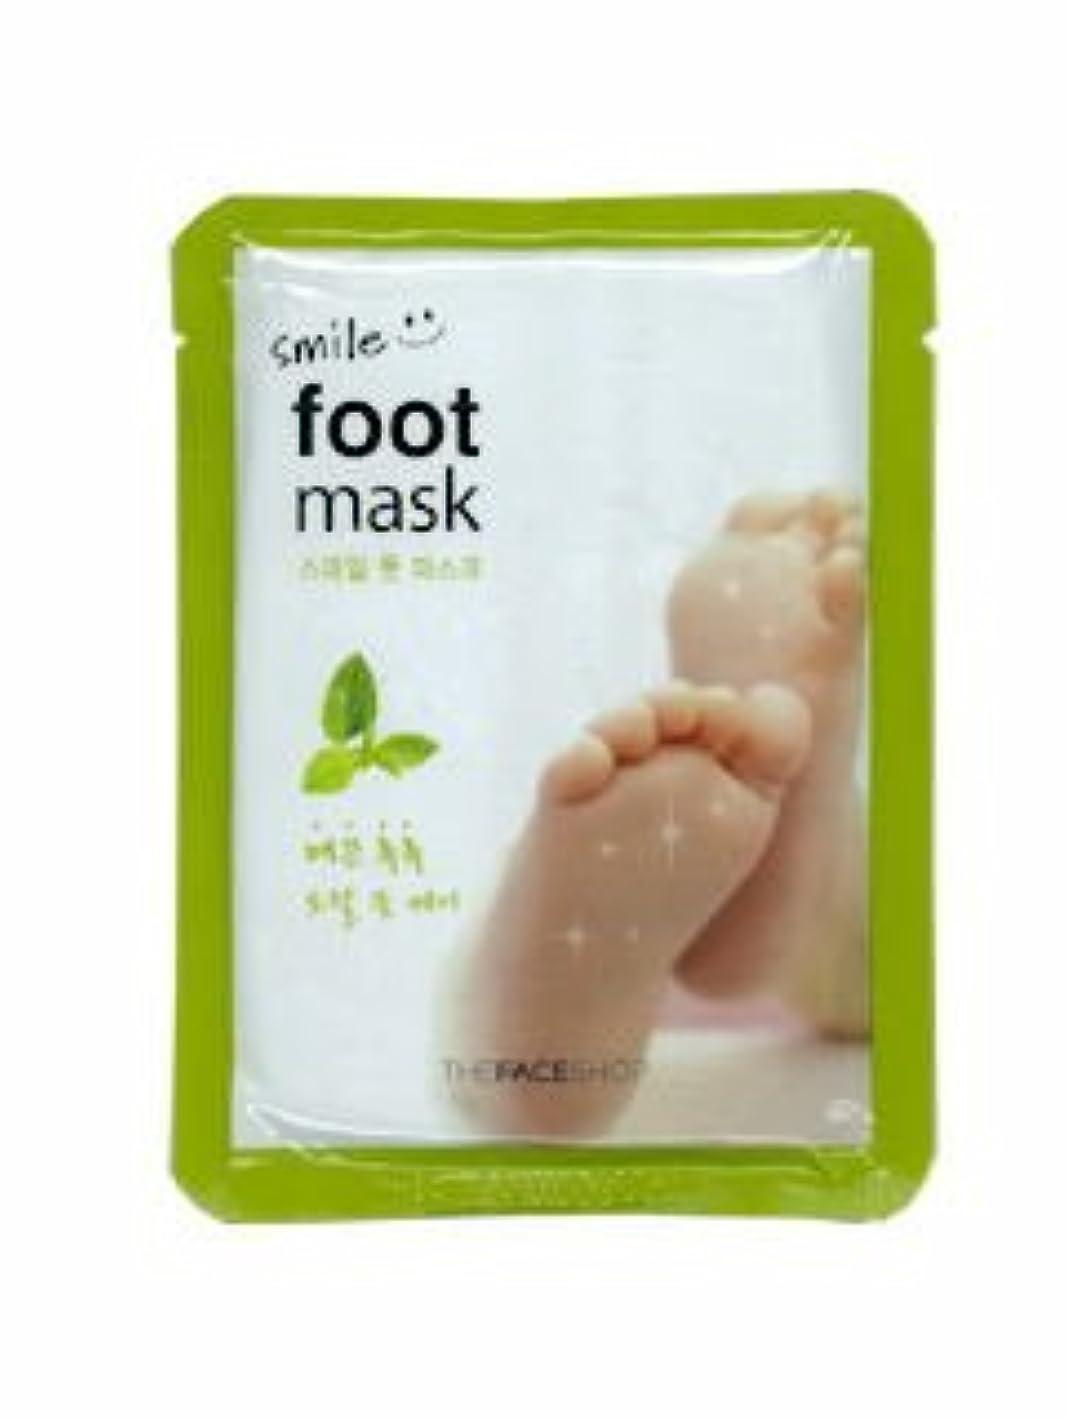 マイルド日焼けねばねば【THE FACE SHOP ( ザフェイスショップ )】 SMILE FOOT MASK スマイル フット マスク